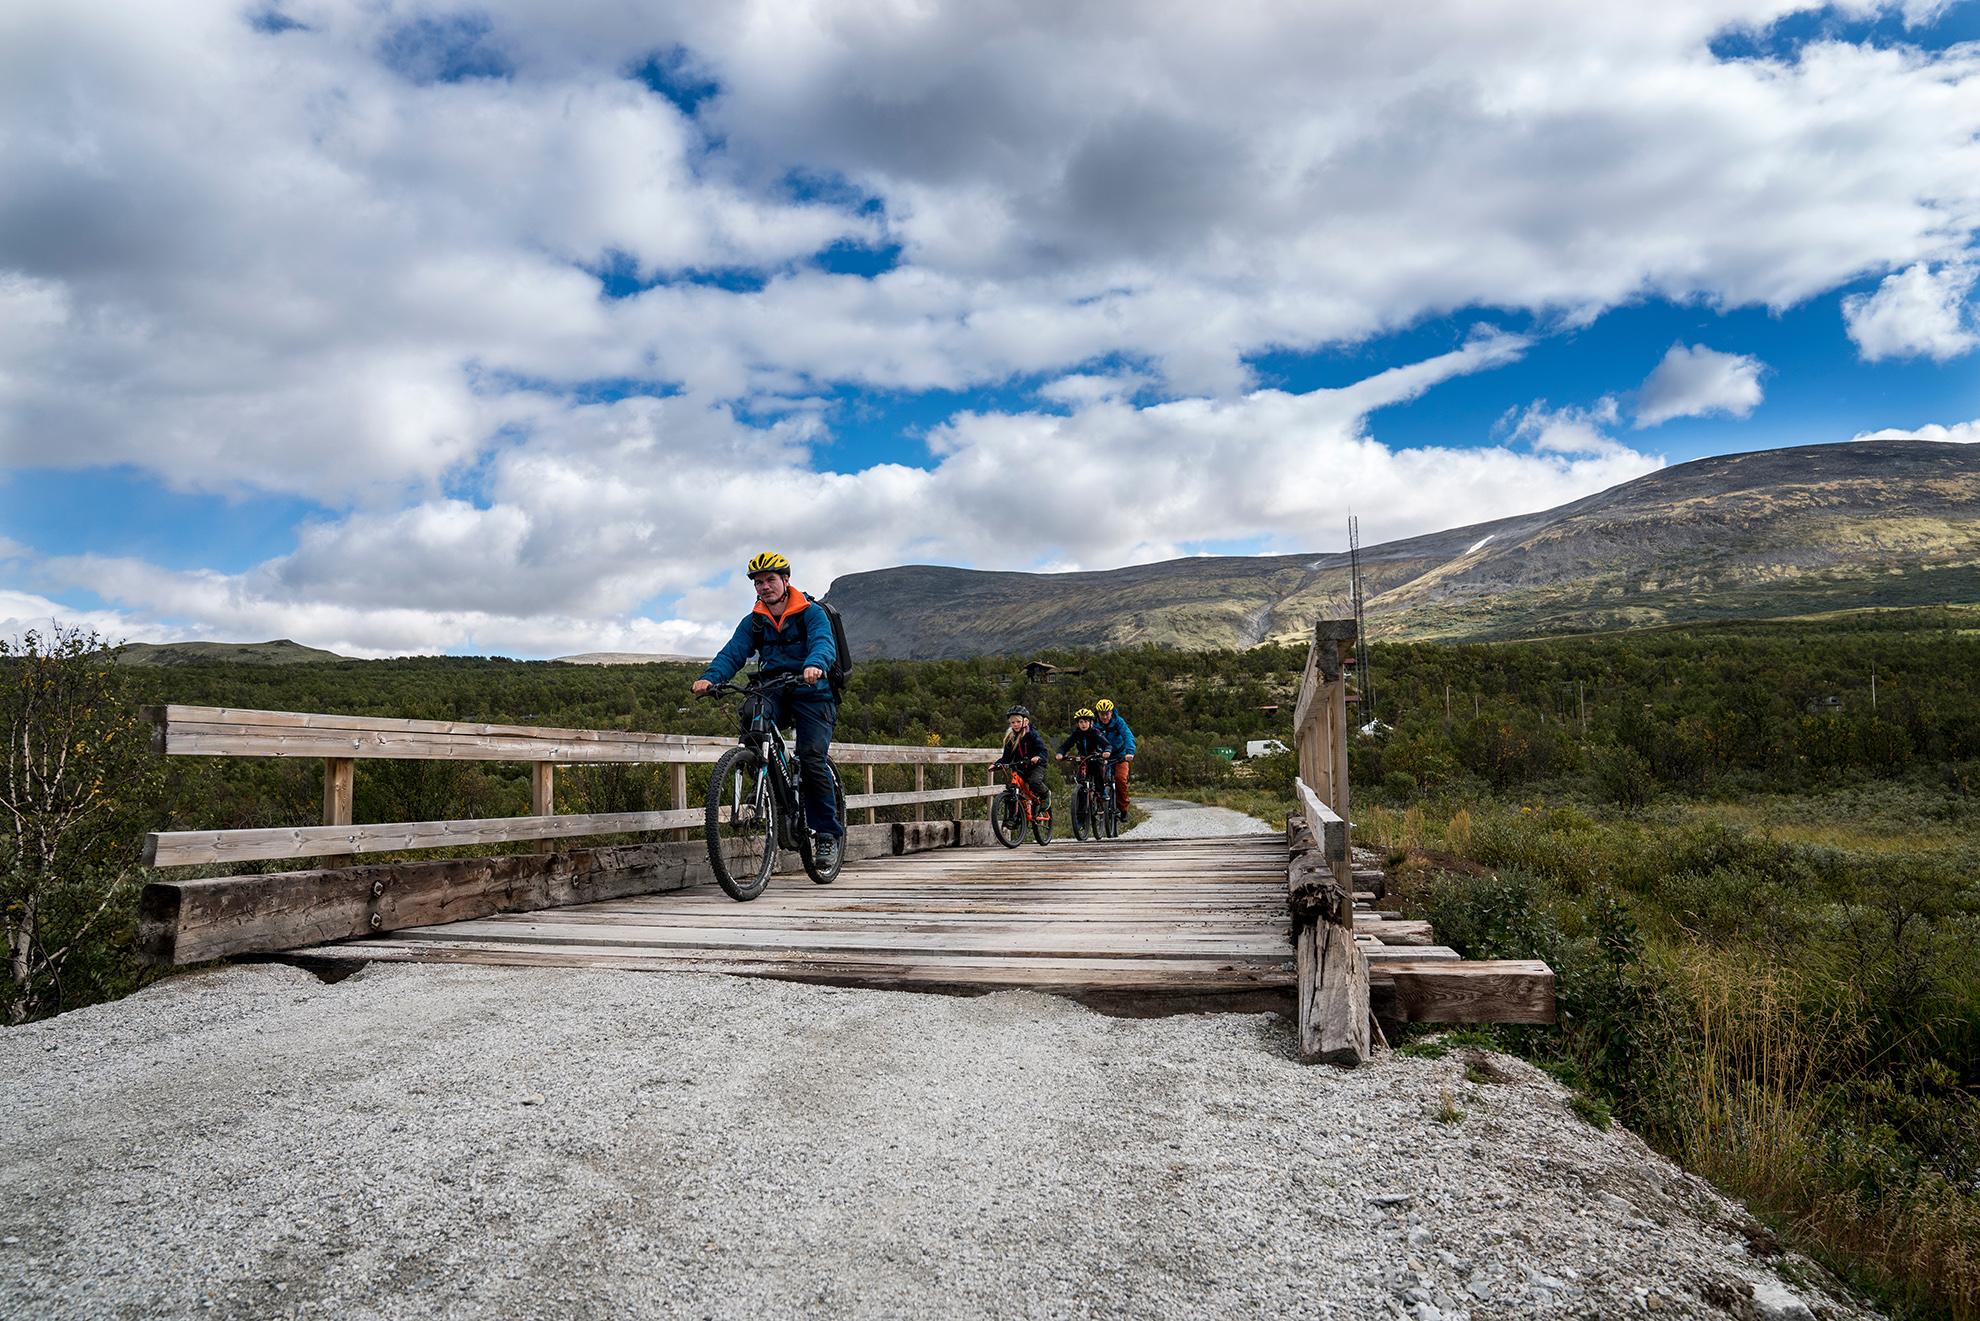 Nasjonalparkvegen - I 2017 åpnet Nasjonalparkvegen over Dovrefjell, en tur- og sykkelveg mellom Dombås og Hjerkinn. Med denne kan syklister og andre turgåere nyte naturen uten å ferdes langs E6.Vegen er en del av rundturen «Tour de Dovre», et nytt produkt som har fått mye oppmerksomhet og pressedekning de siste to årene.